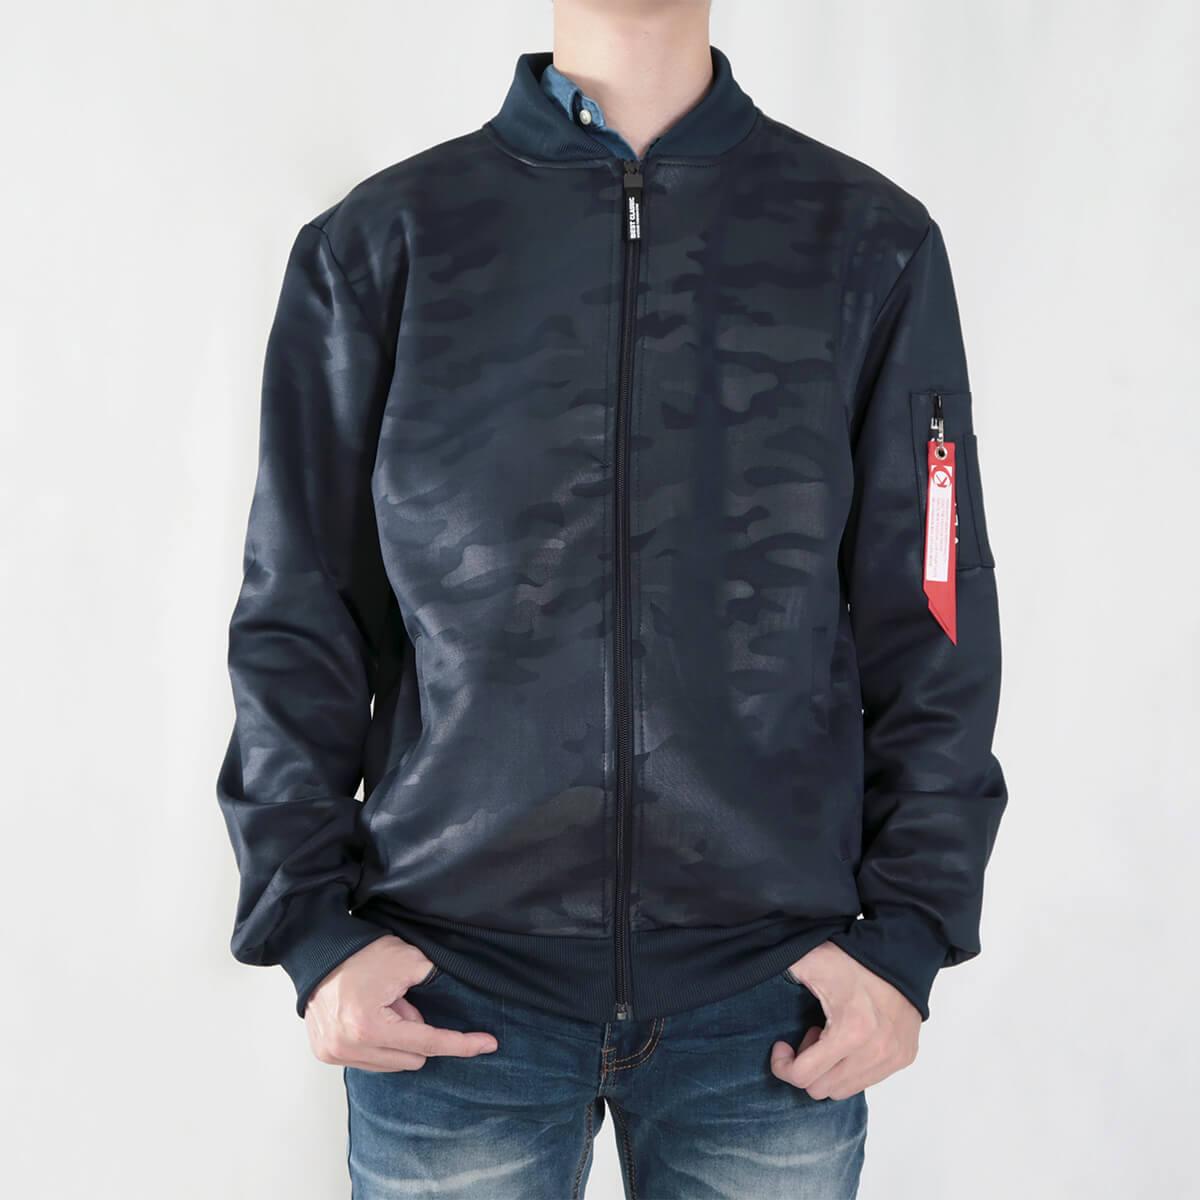 韓版迷彩飛行夾克 MA-1飛行外套 迷彩外套 空軍外套 輕量單層薄外套 MA-1 CAMOUFLAGE FLIGHT JACKET (321-8917-01)深藍色、(321-8917-02)黑色 3L 4L(胸圍48~51英吋) [實體店面保障] sun-e 5